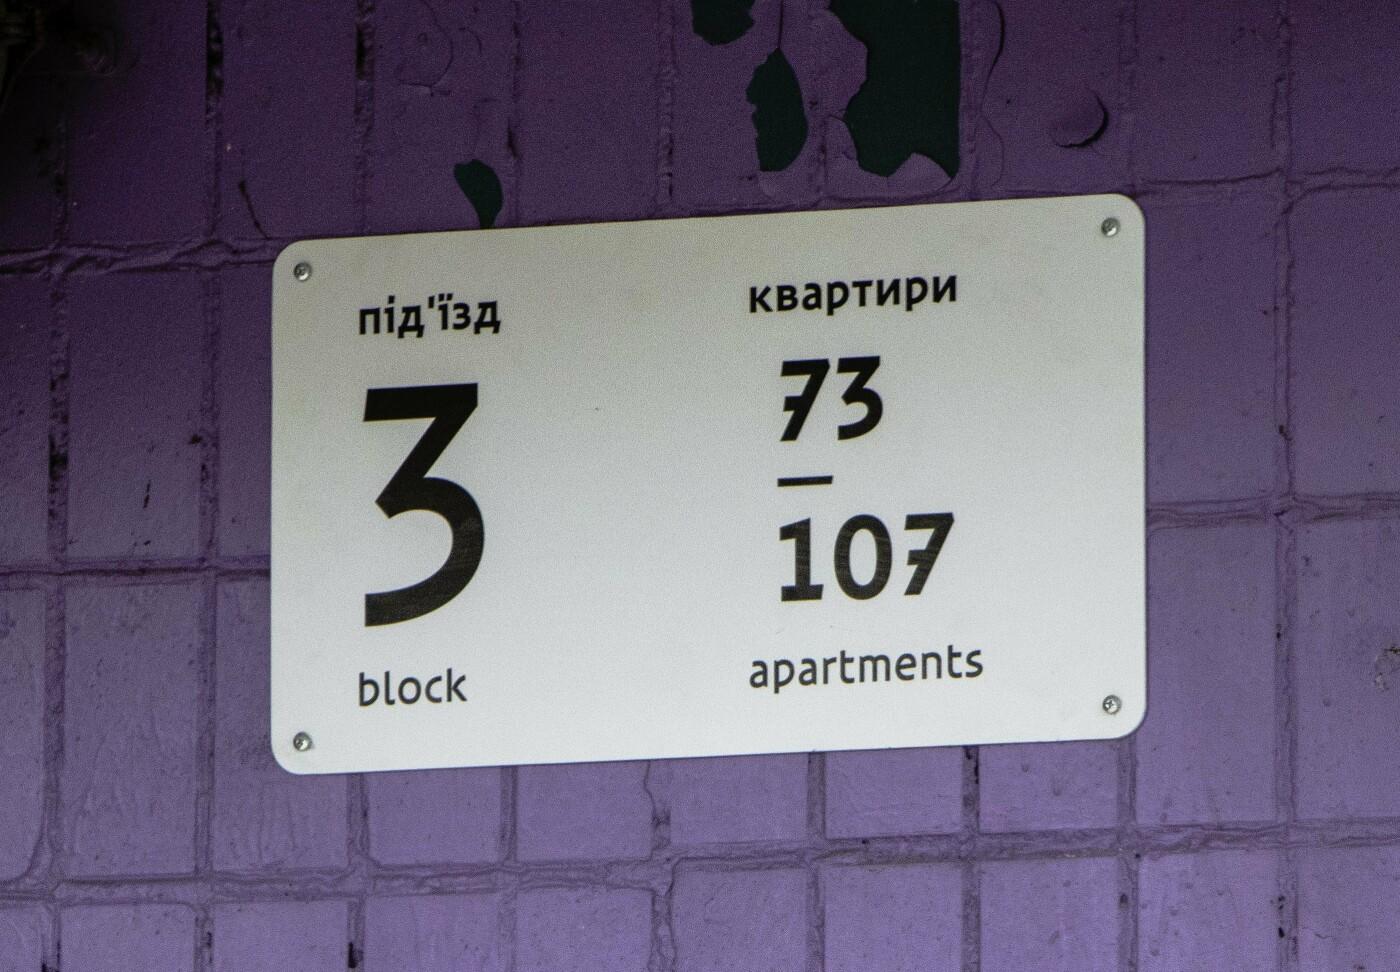 В Днепре планируют менять адресные таблички на домах: как они выглядят, - ФОТО, фото-5